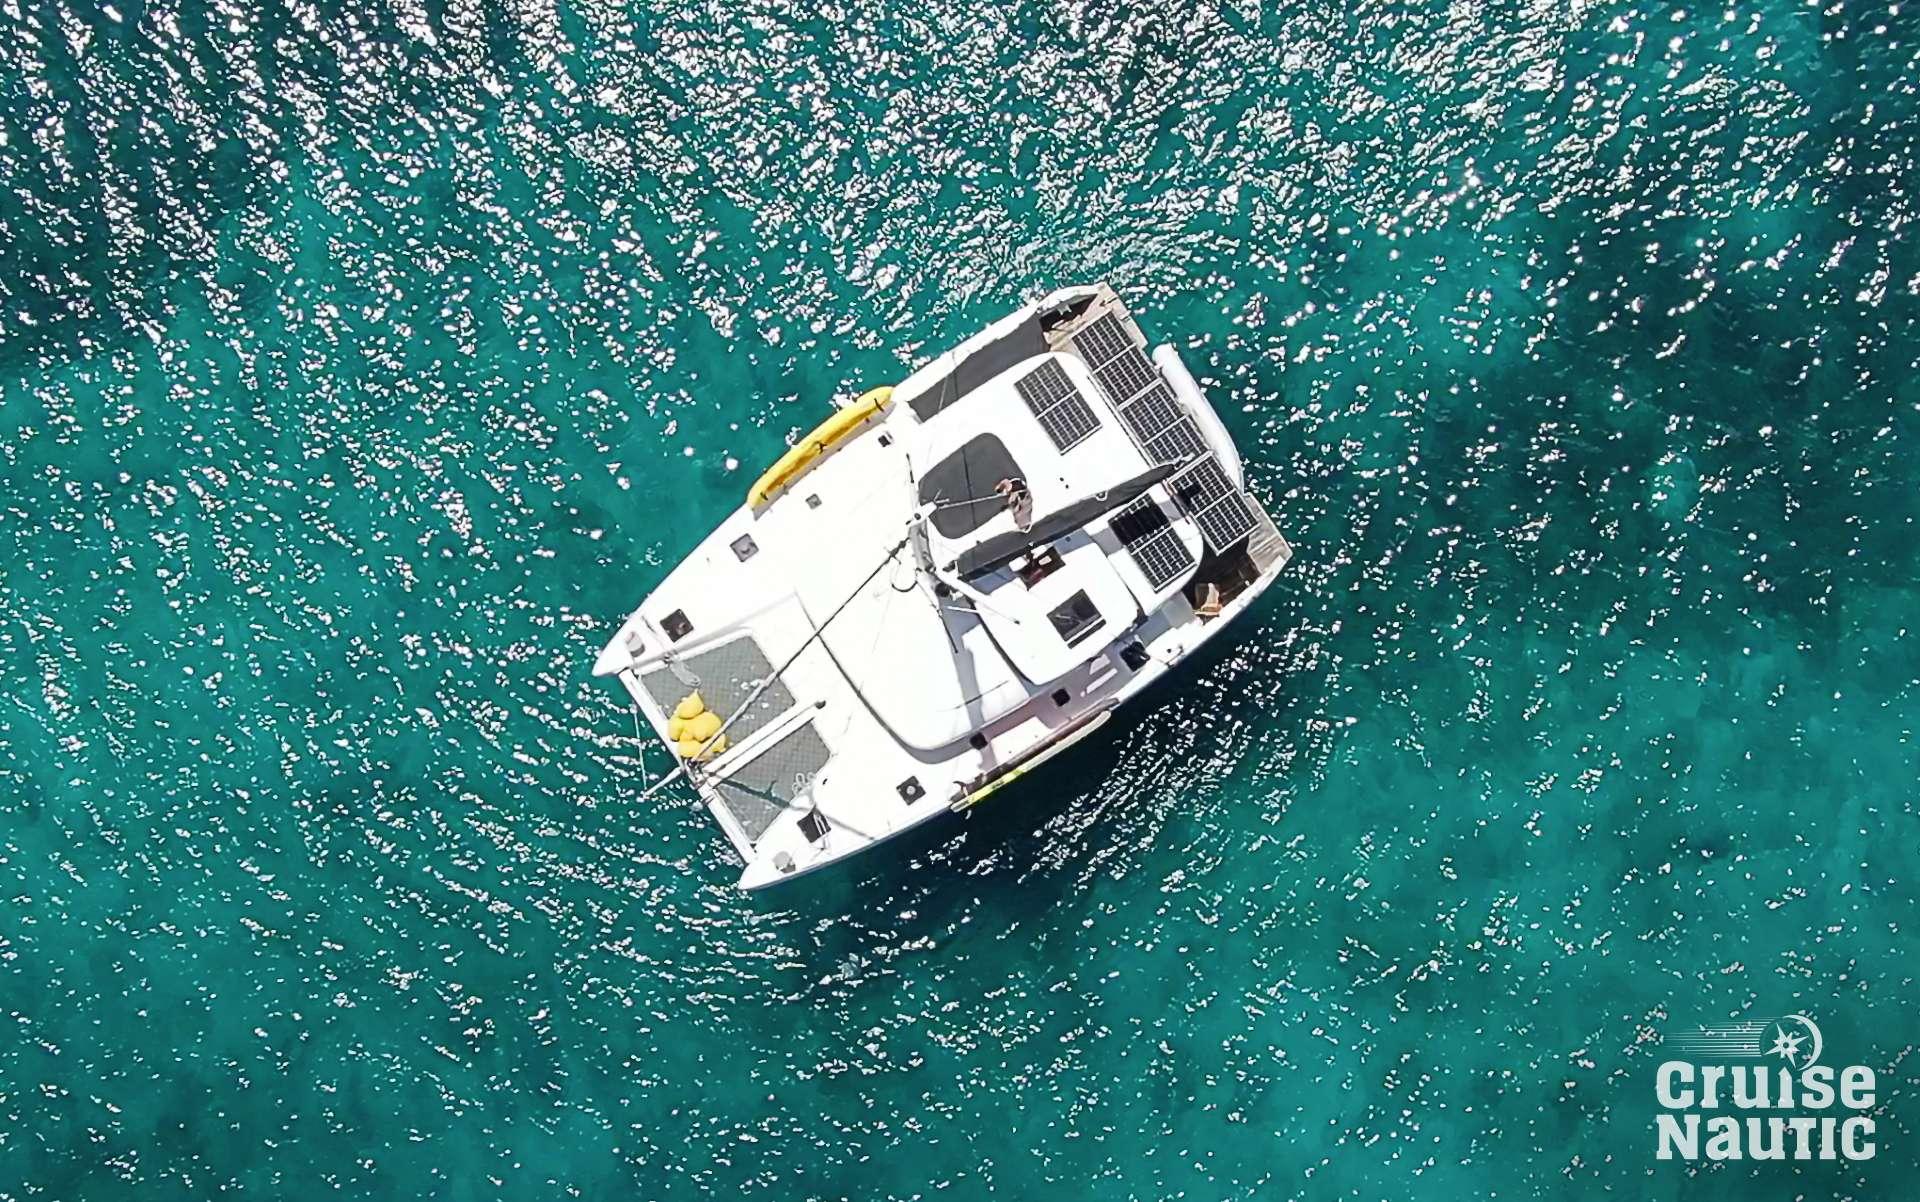 charter yacht Cruisenautic